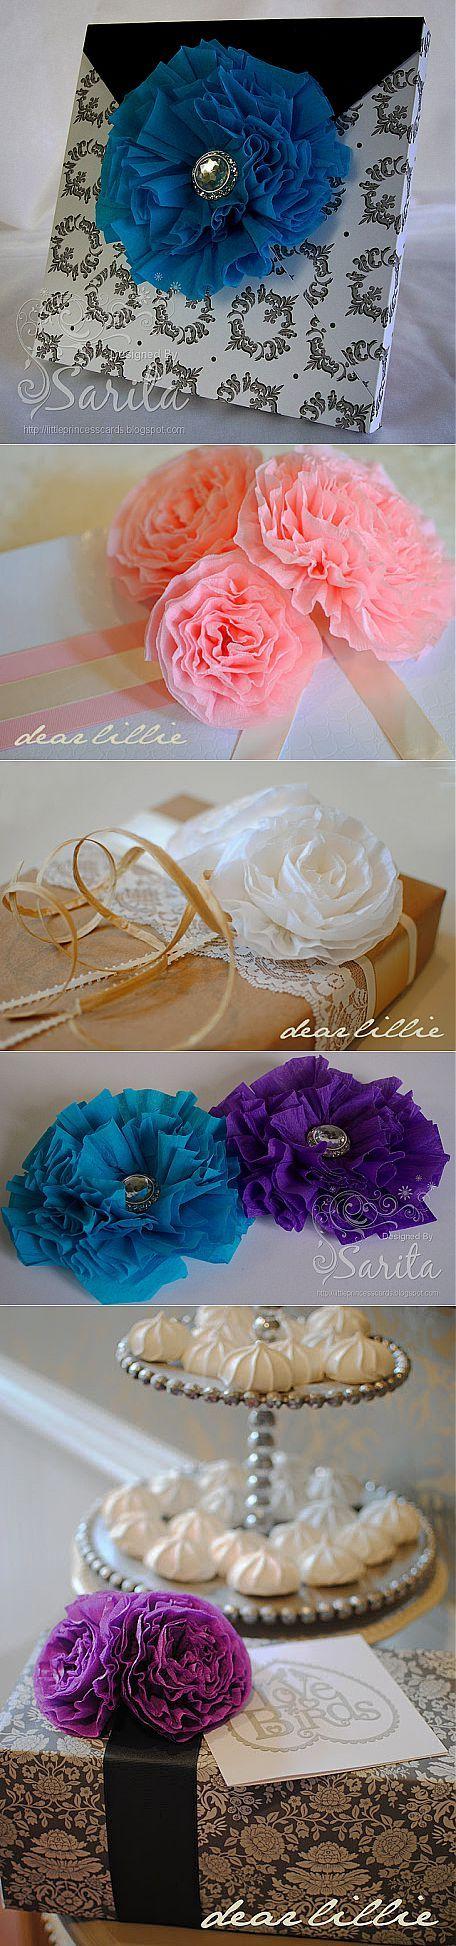 Цветы из гофрированной бумаги - дарим подарки красиво.